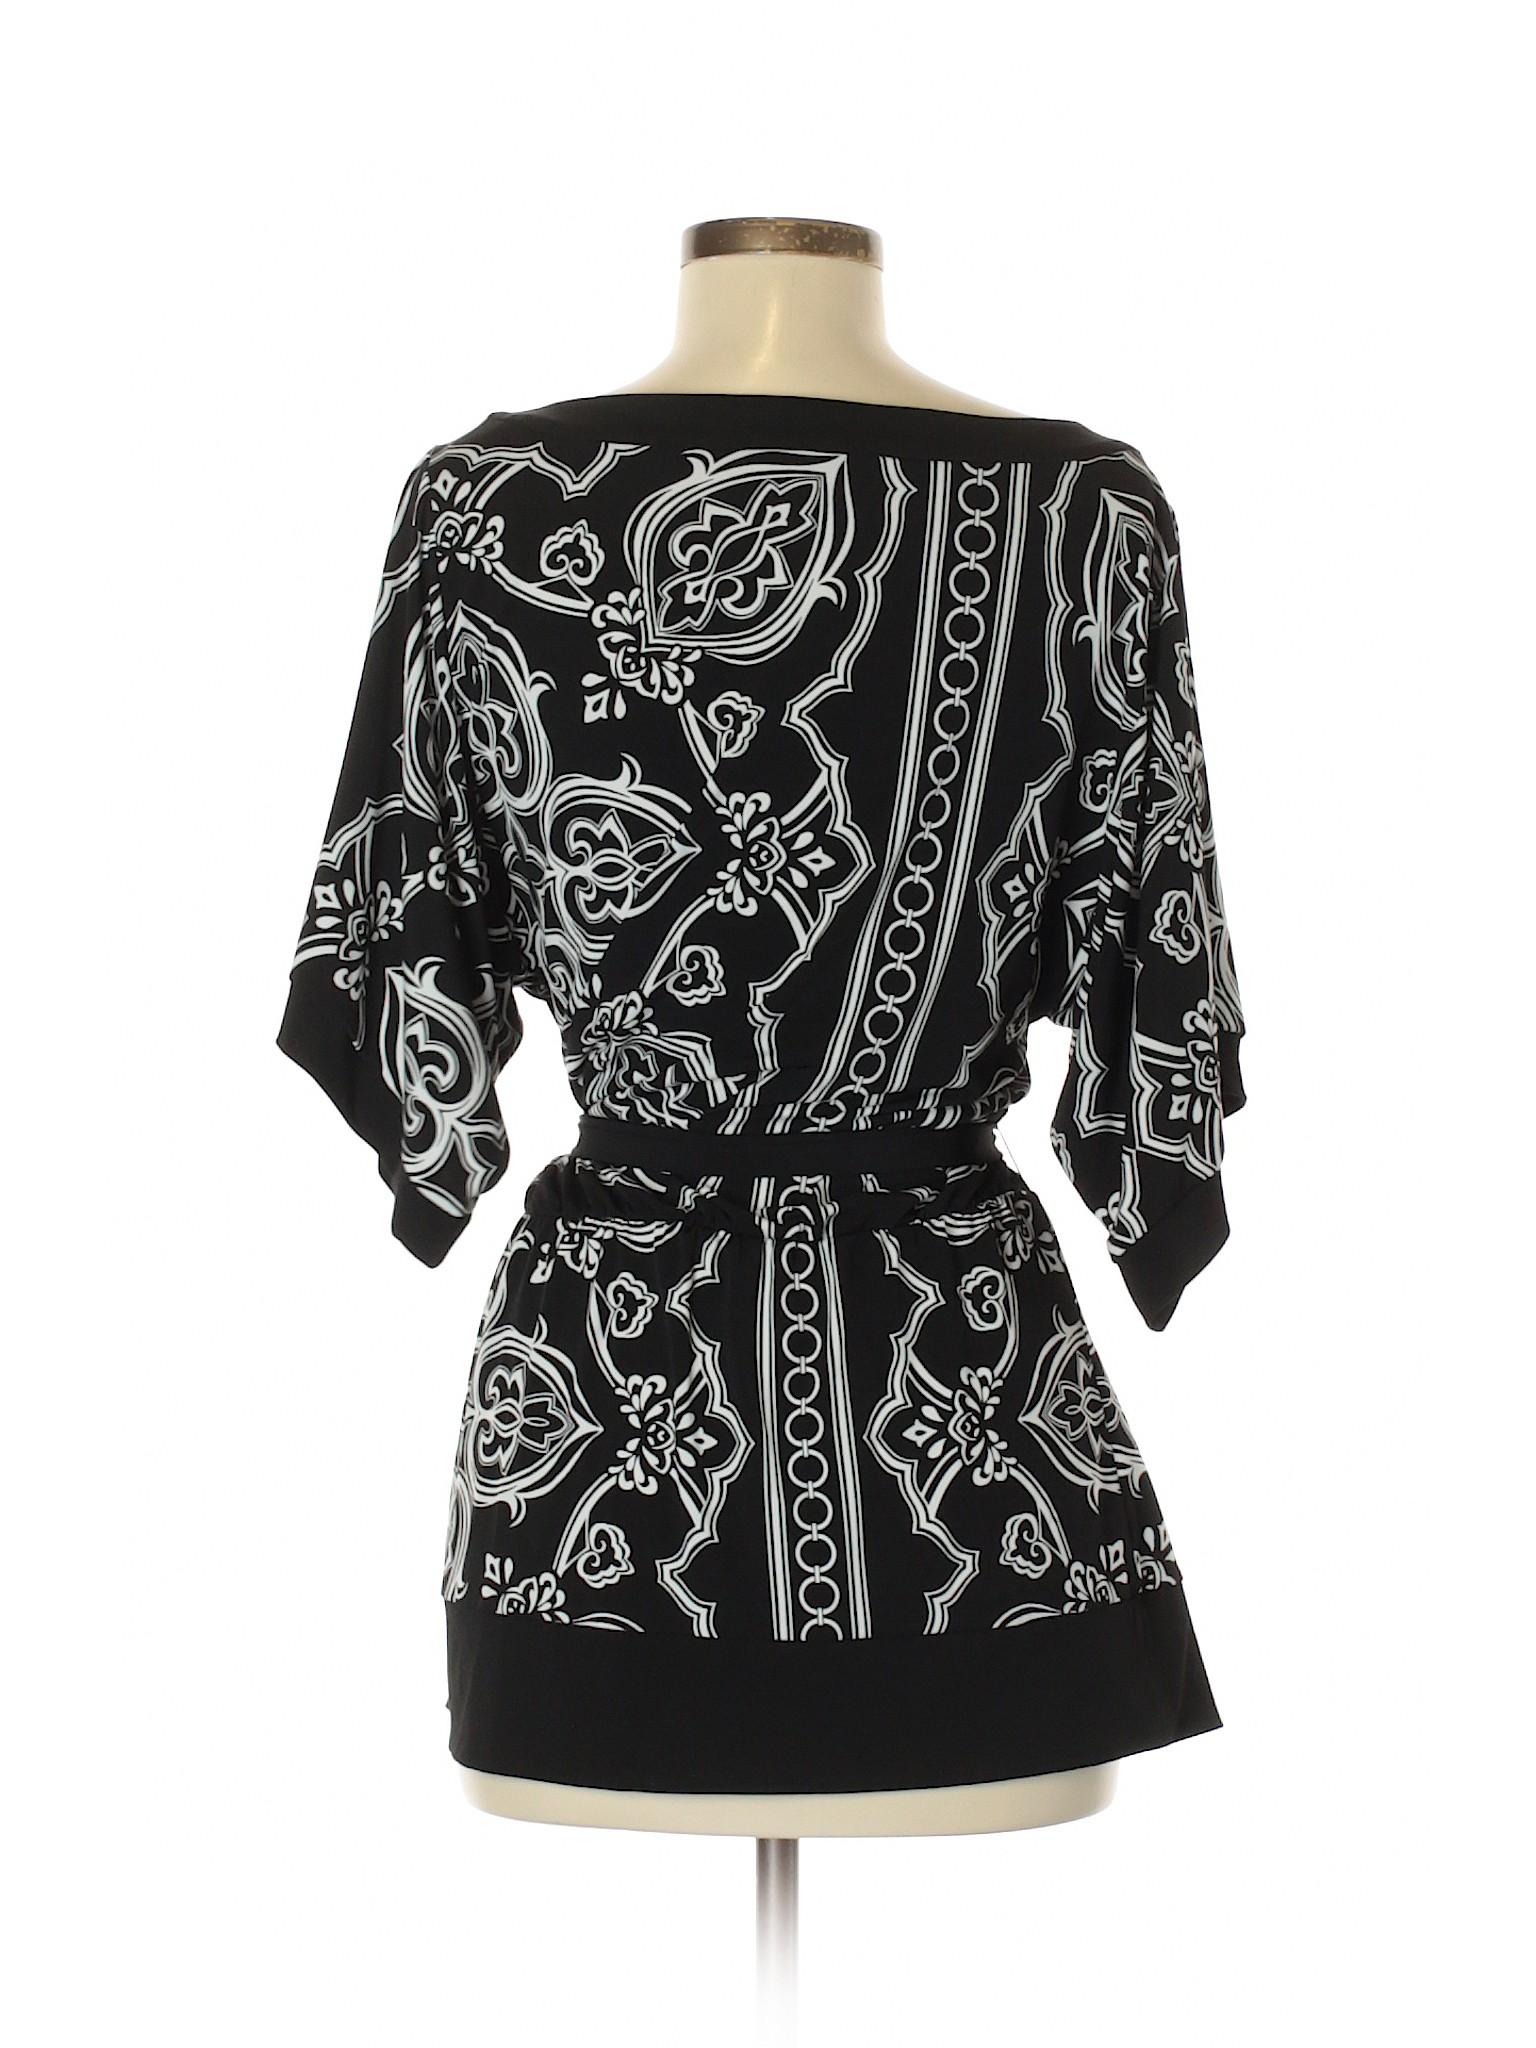 Casual Selling House Dress White Black Market wvRxrqTBvI